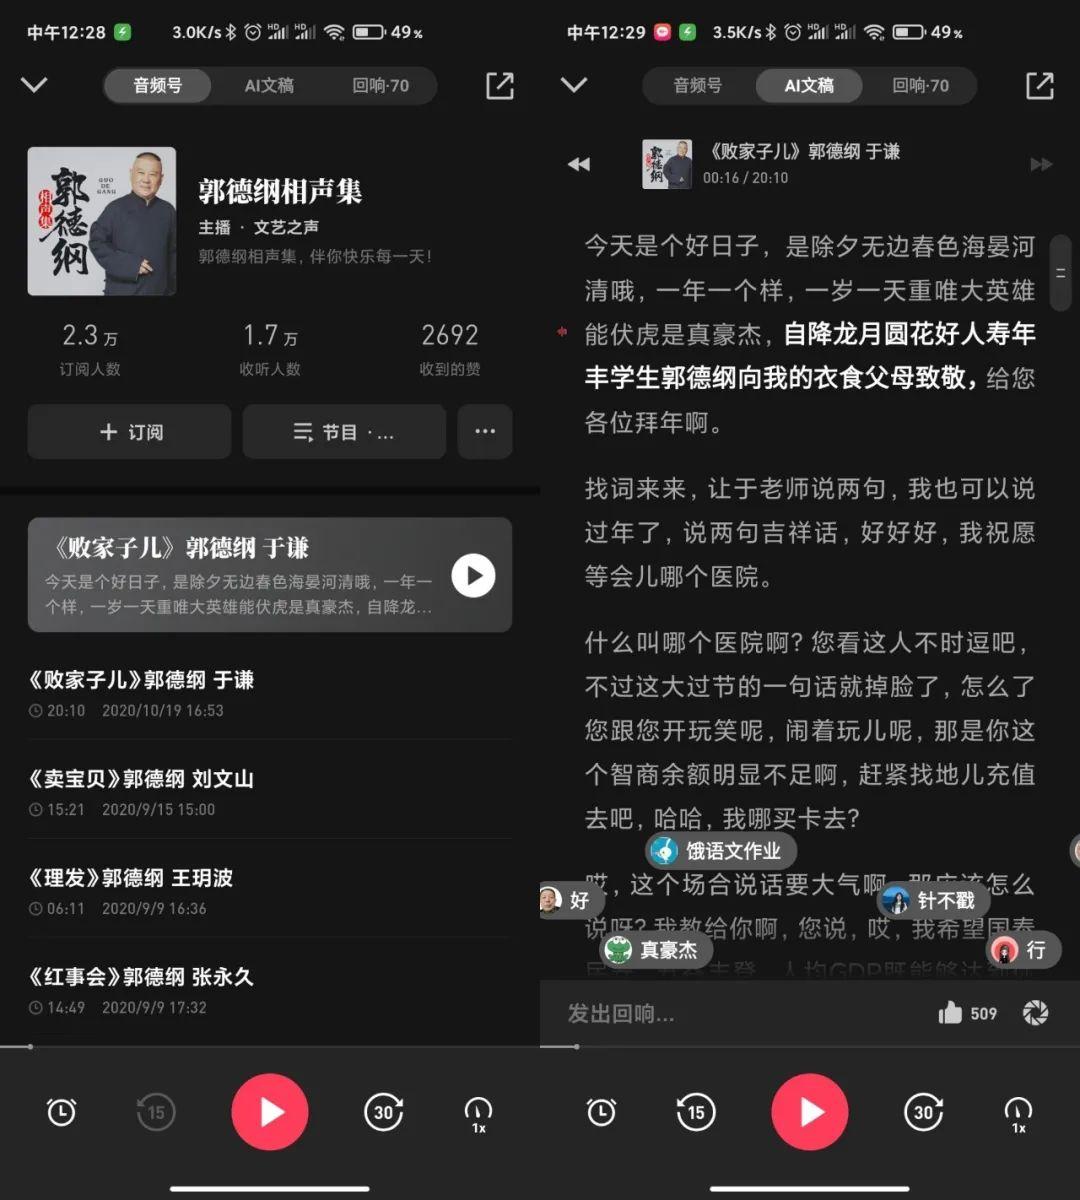 微信悄悄新出了个野心很大的App